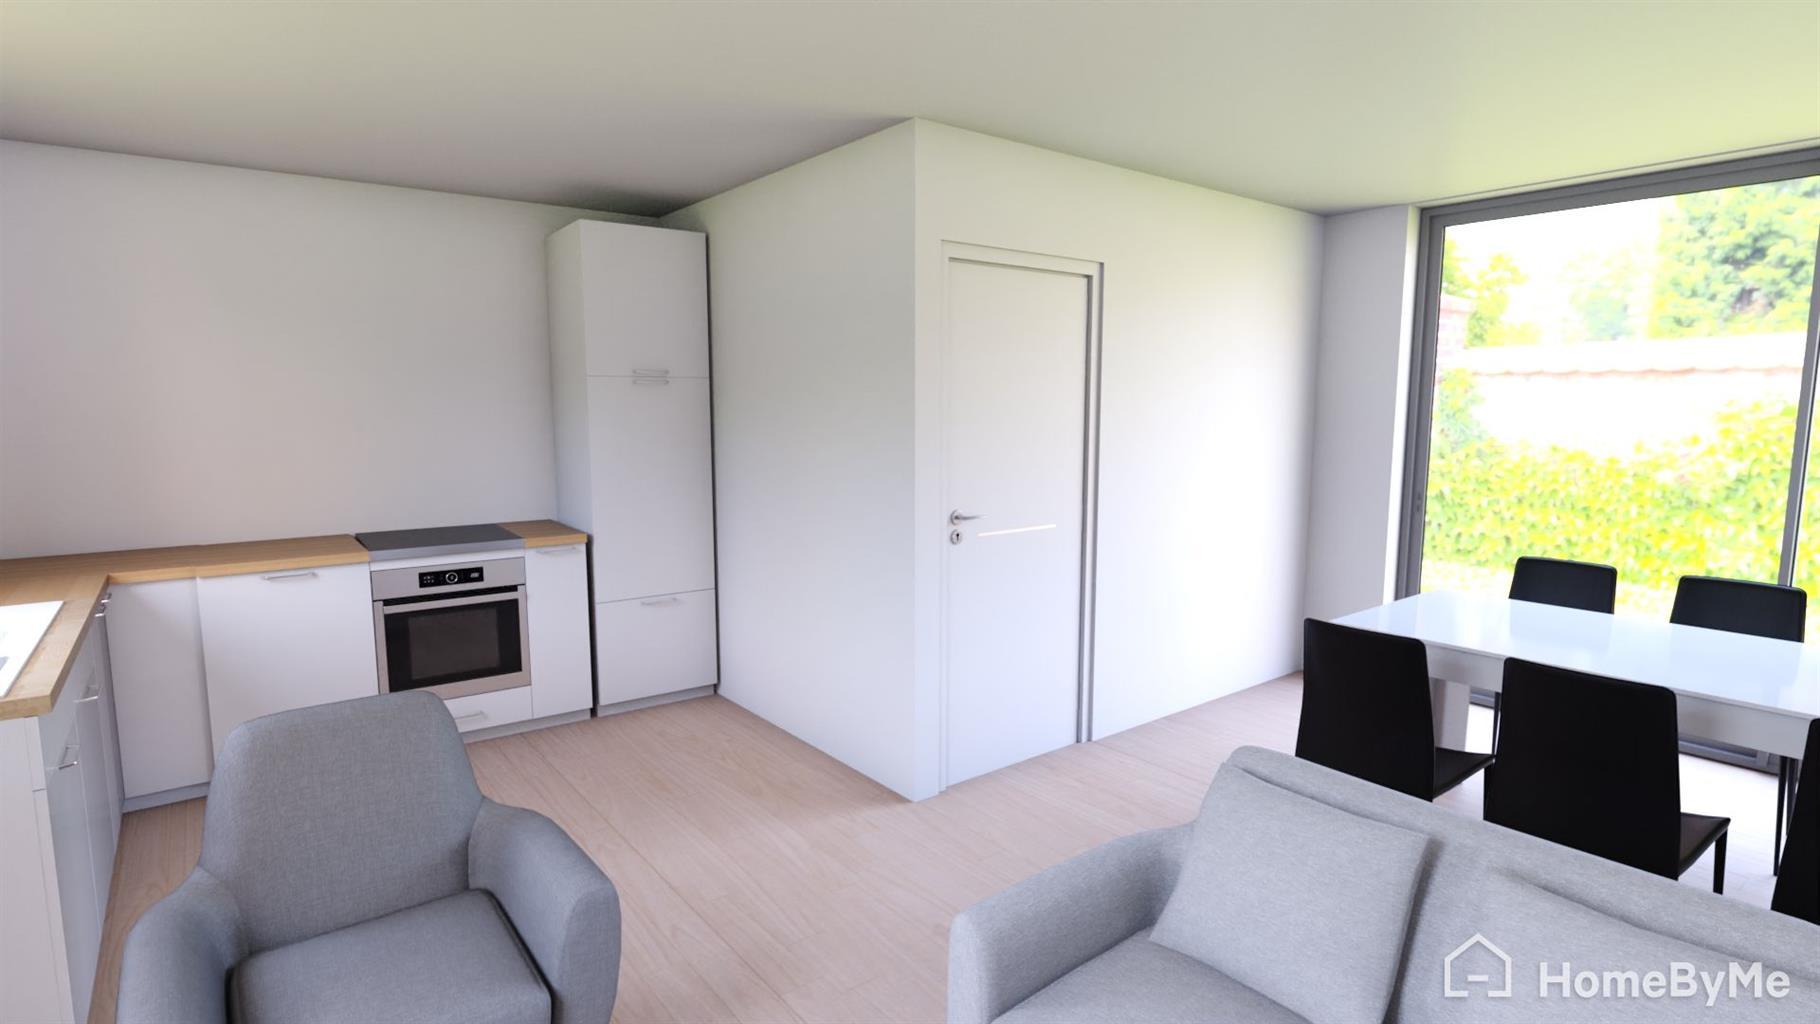 Maison - Braine-le-Comte - #4082171-10